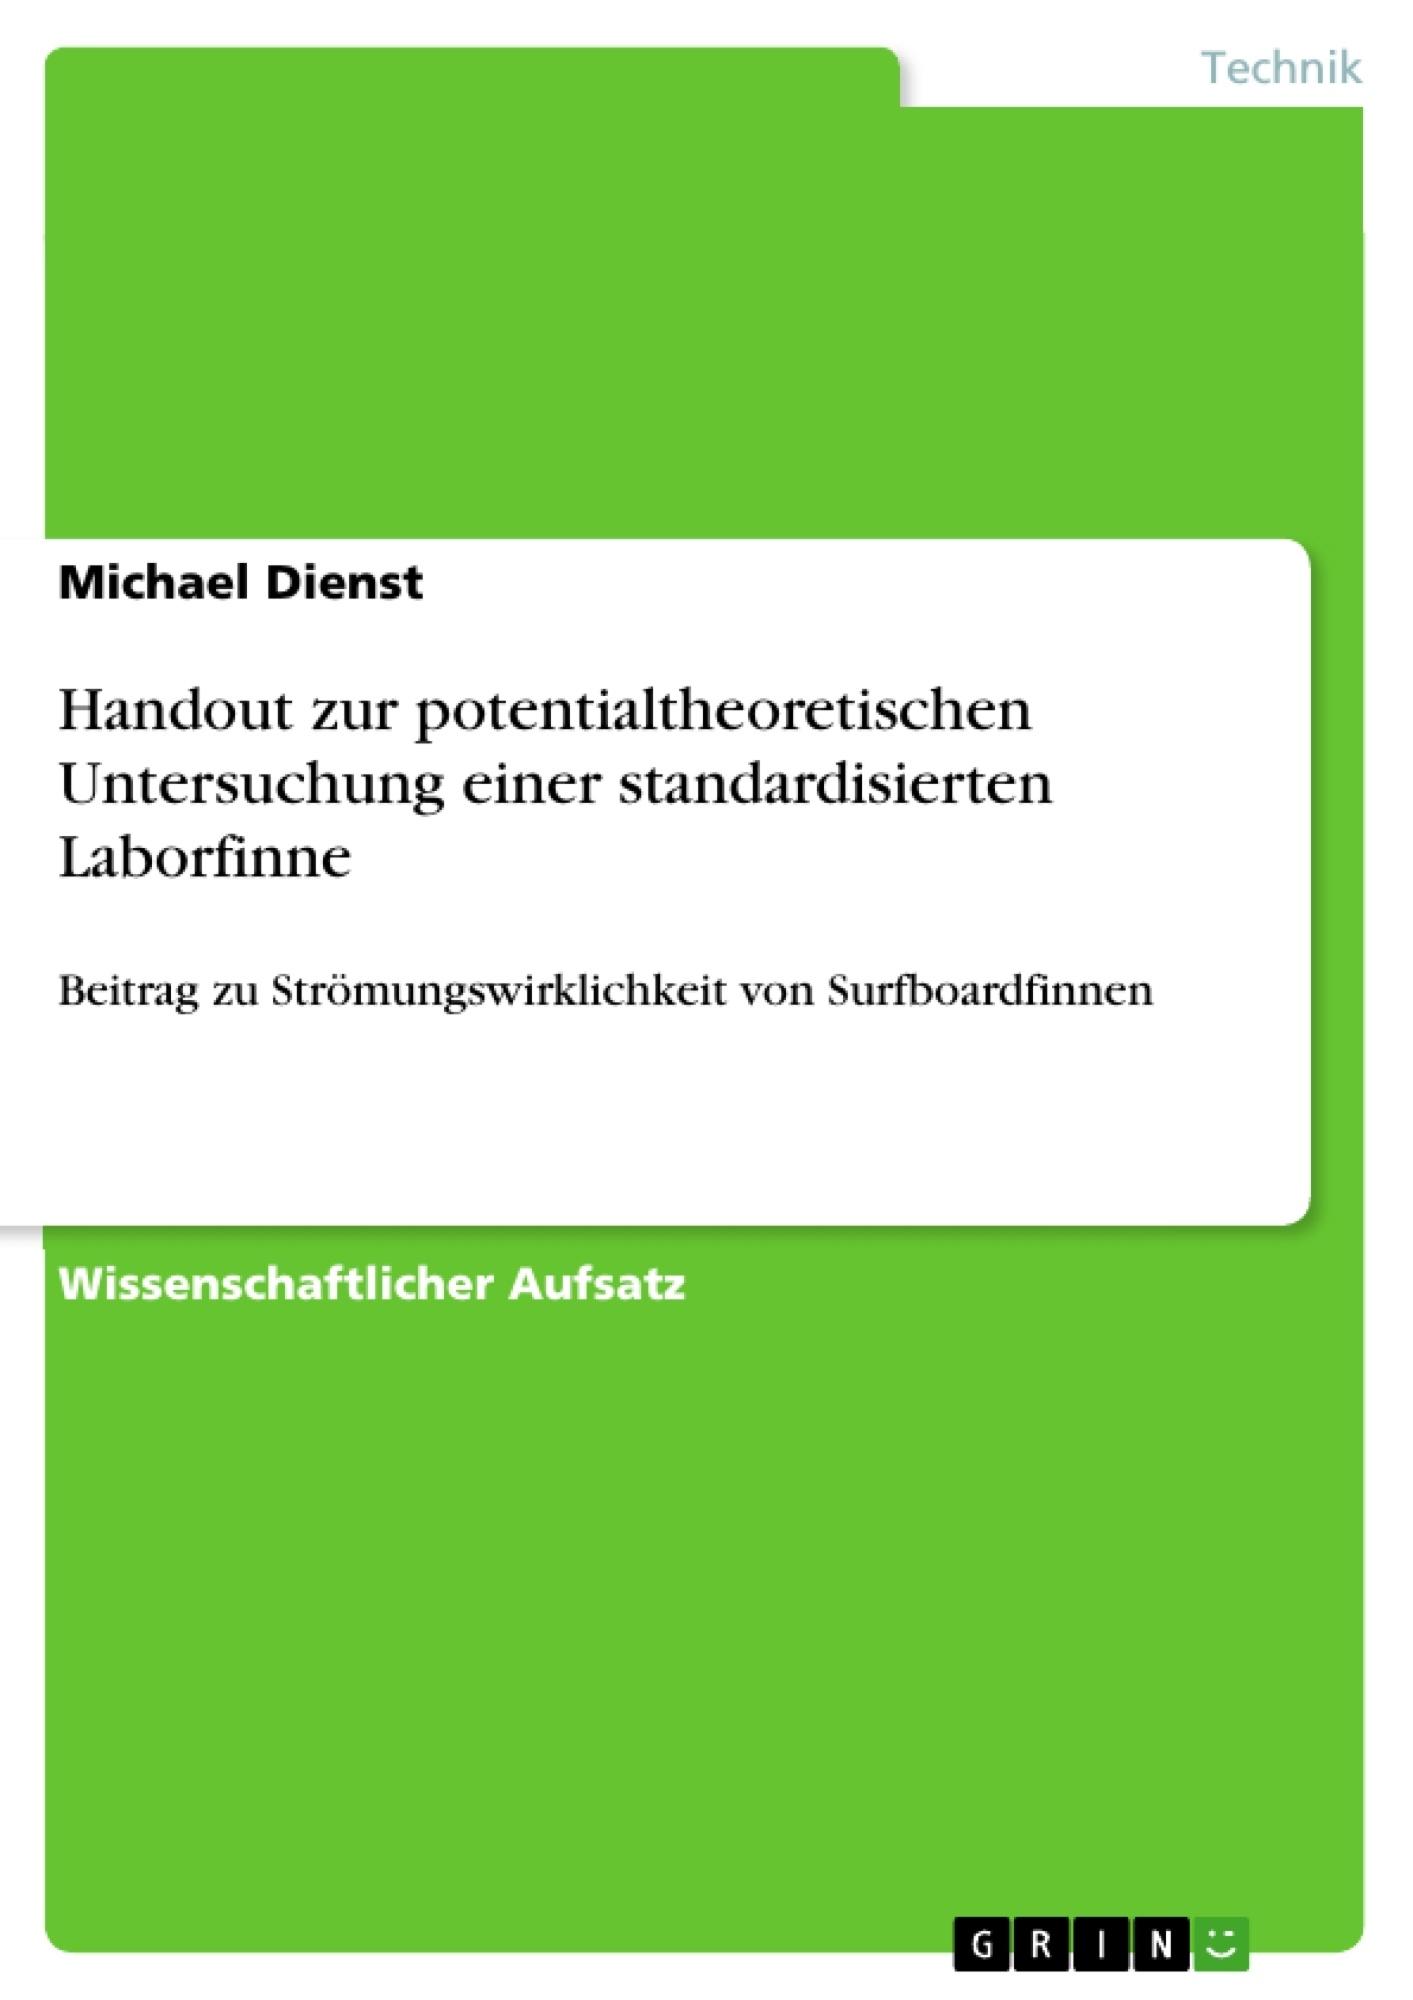 Titel: Handout zur potentialtheoretischen Untersuchung einer standardisierten Laborfinne